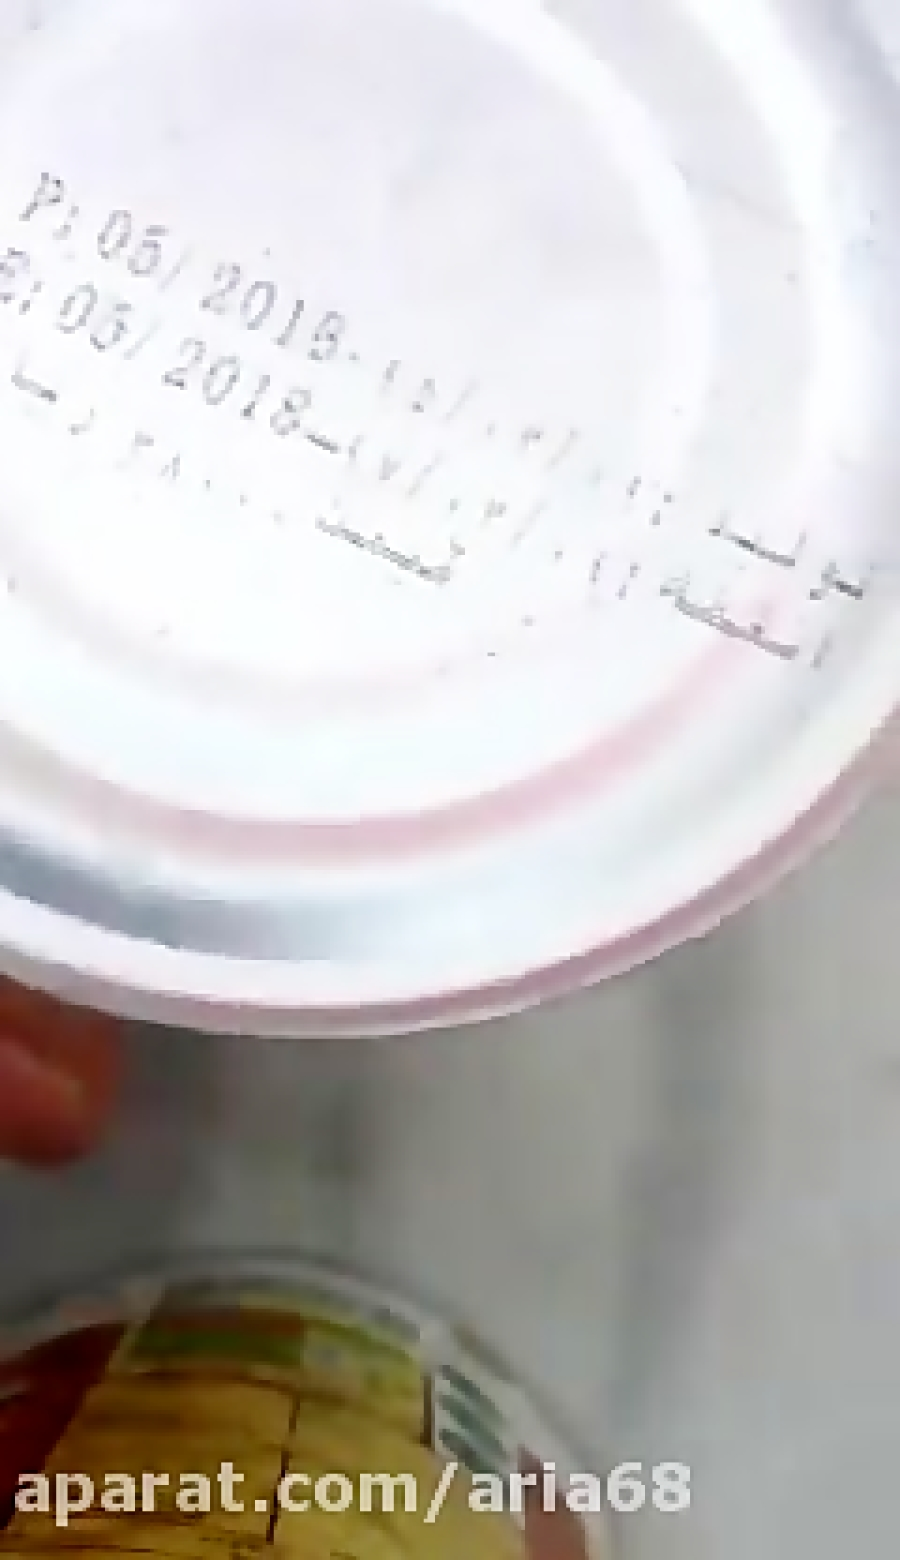 تاریخ انقضاهای ساختگی دستمال بنزینی-آریا